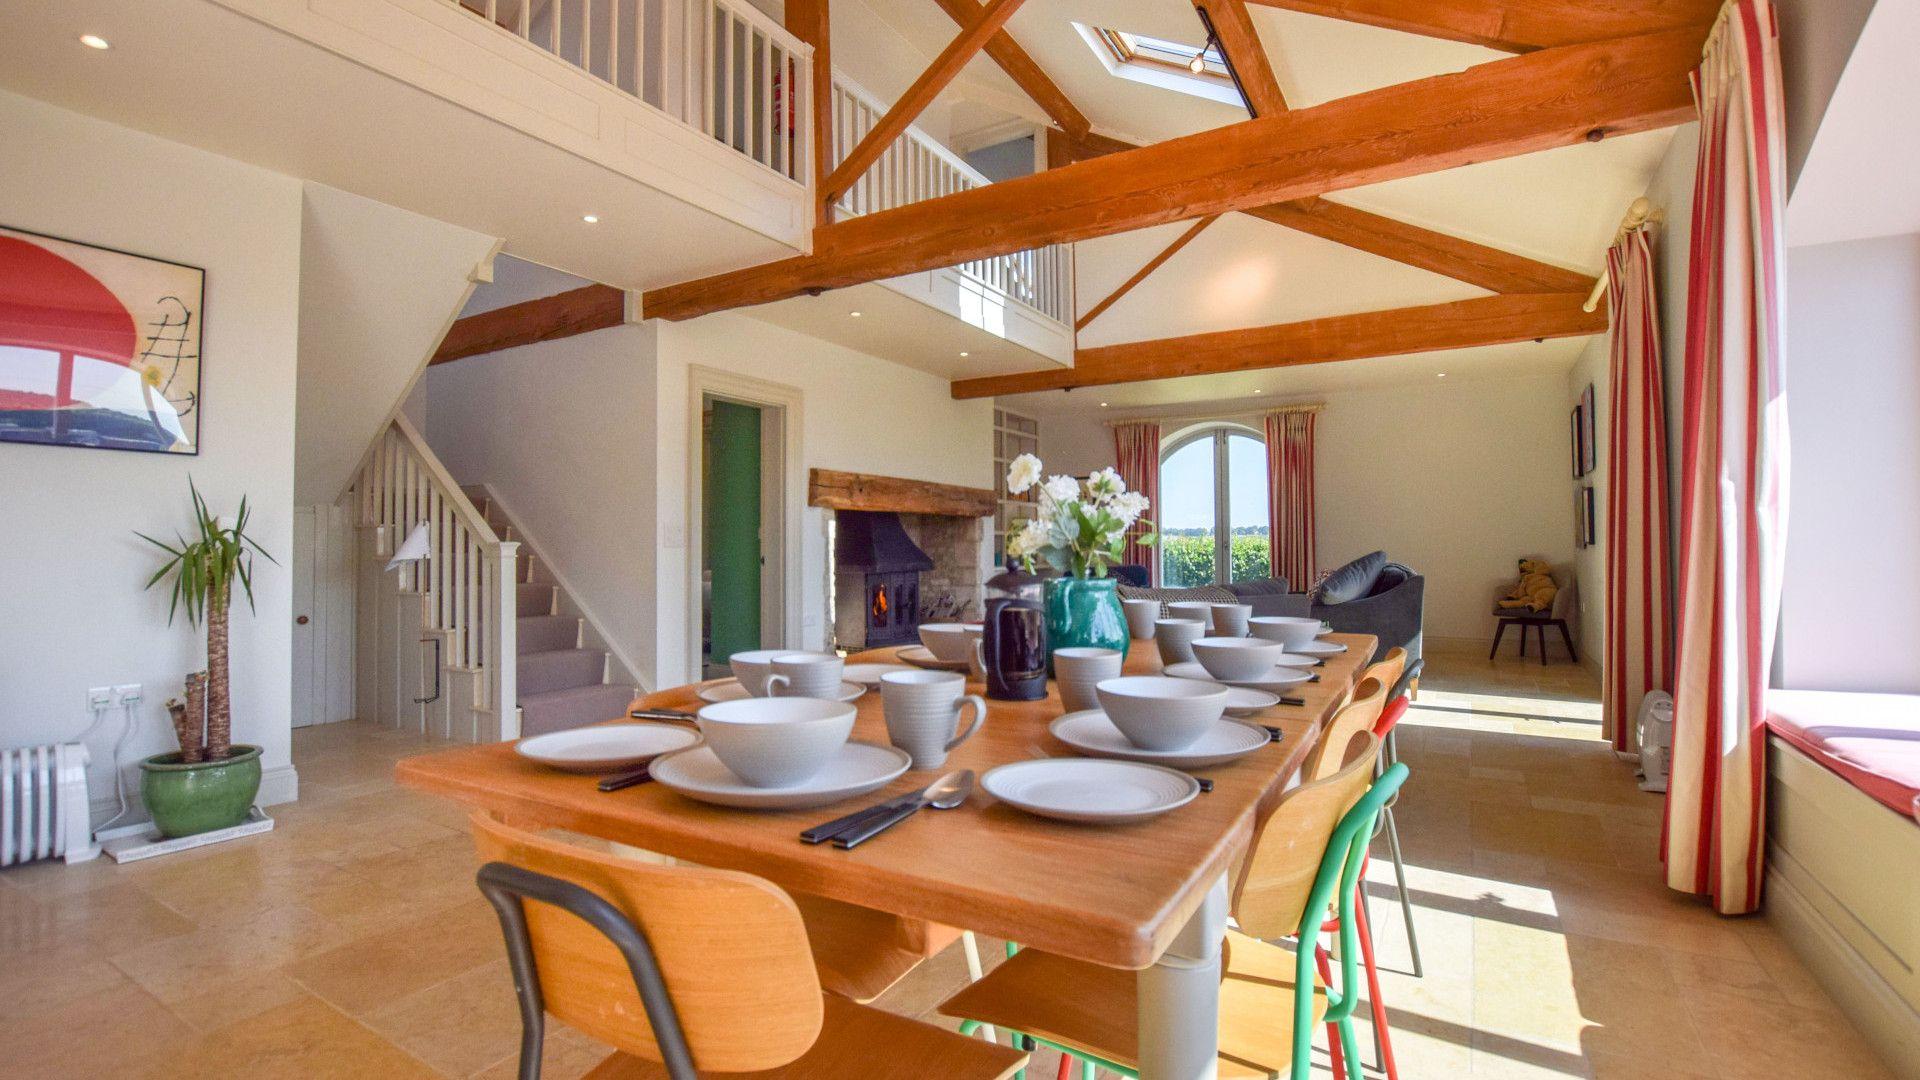 Dining area, Oldbury Barn, Bolthole Retreats